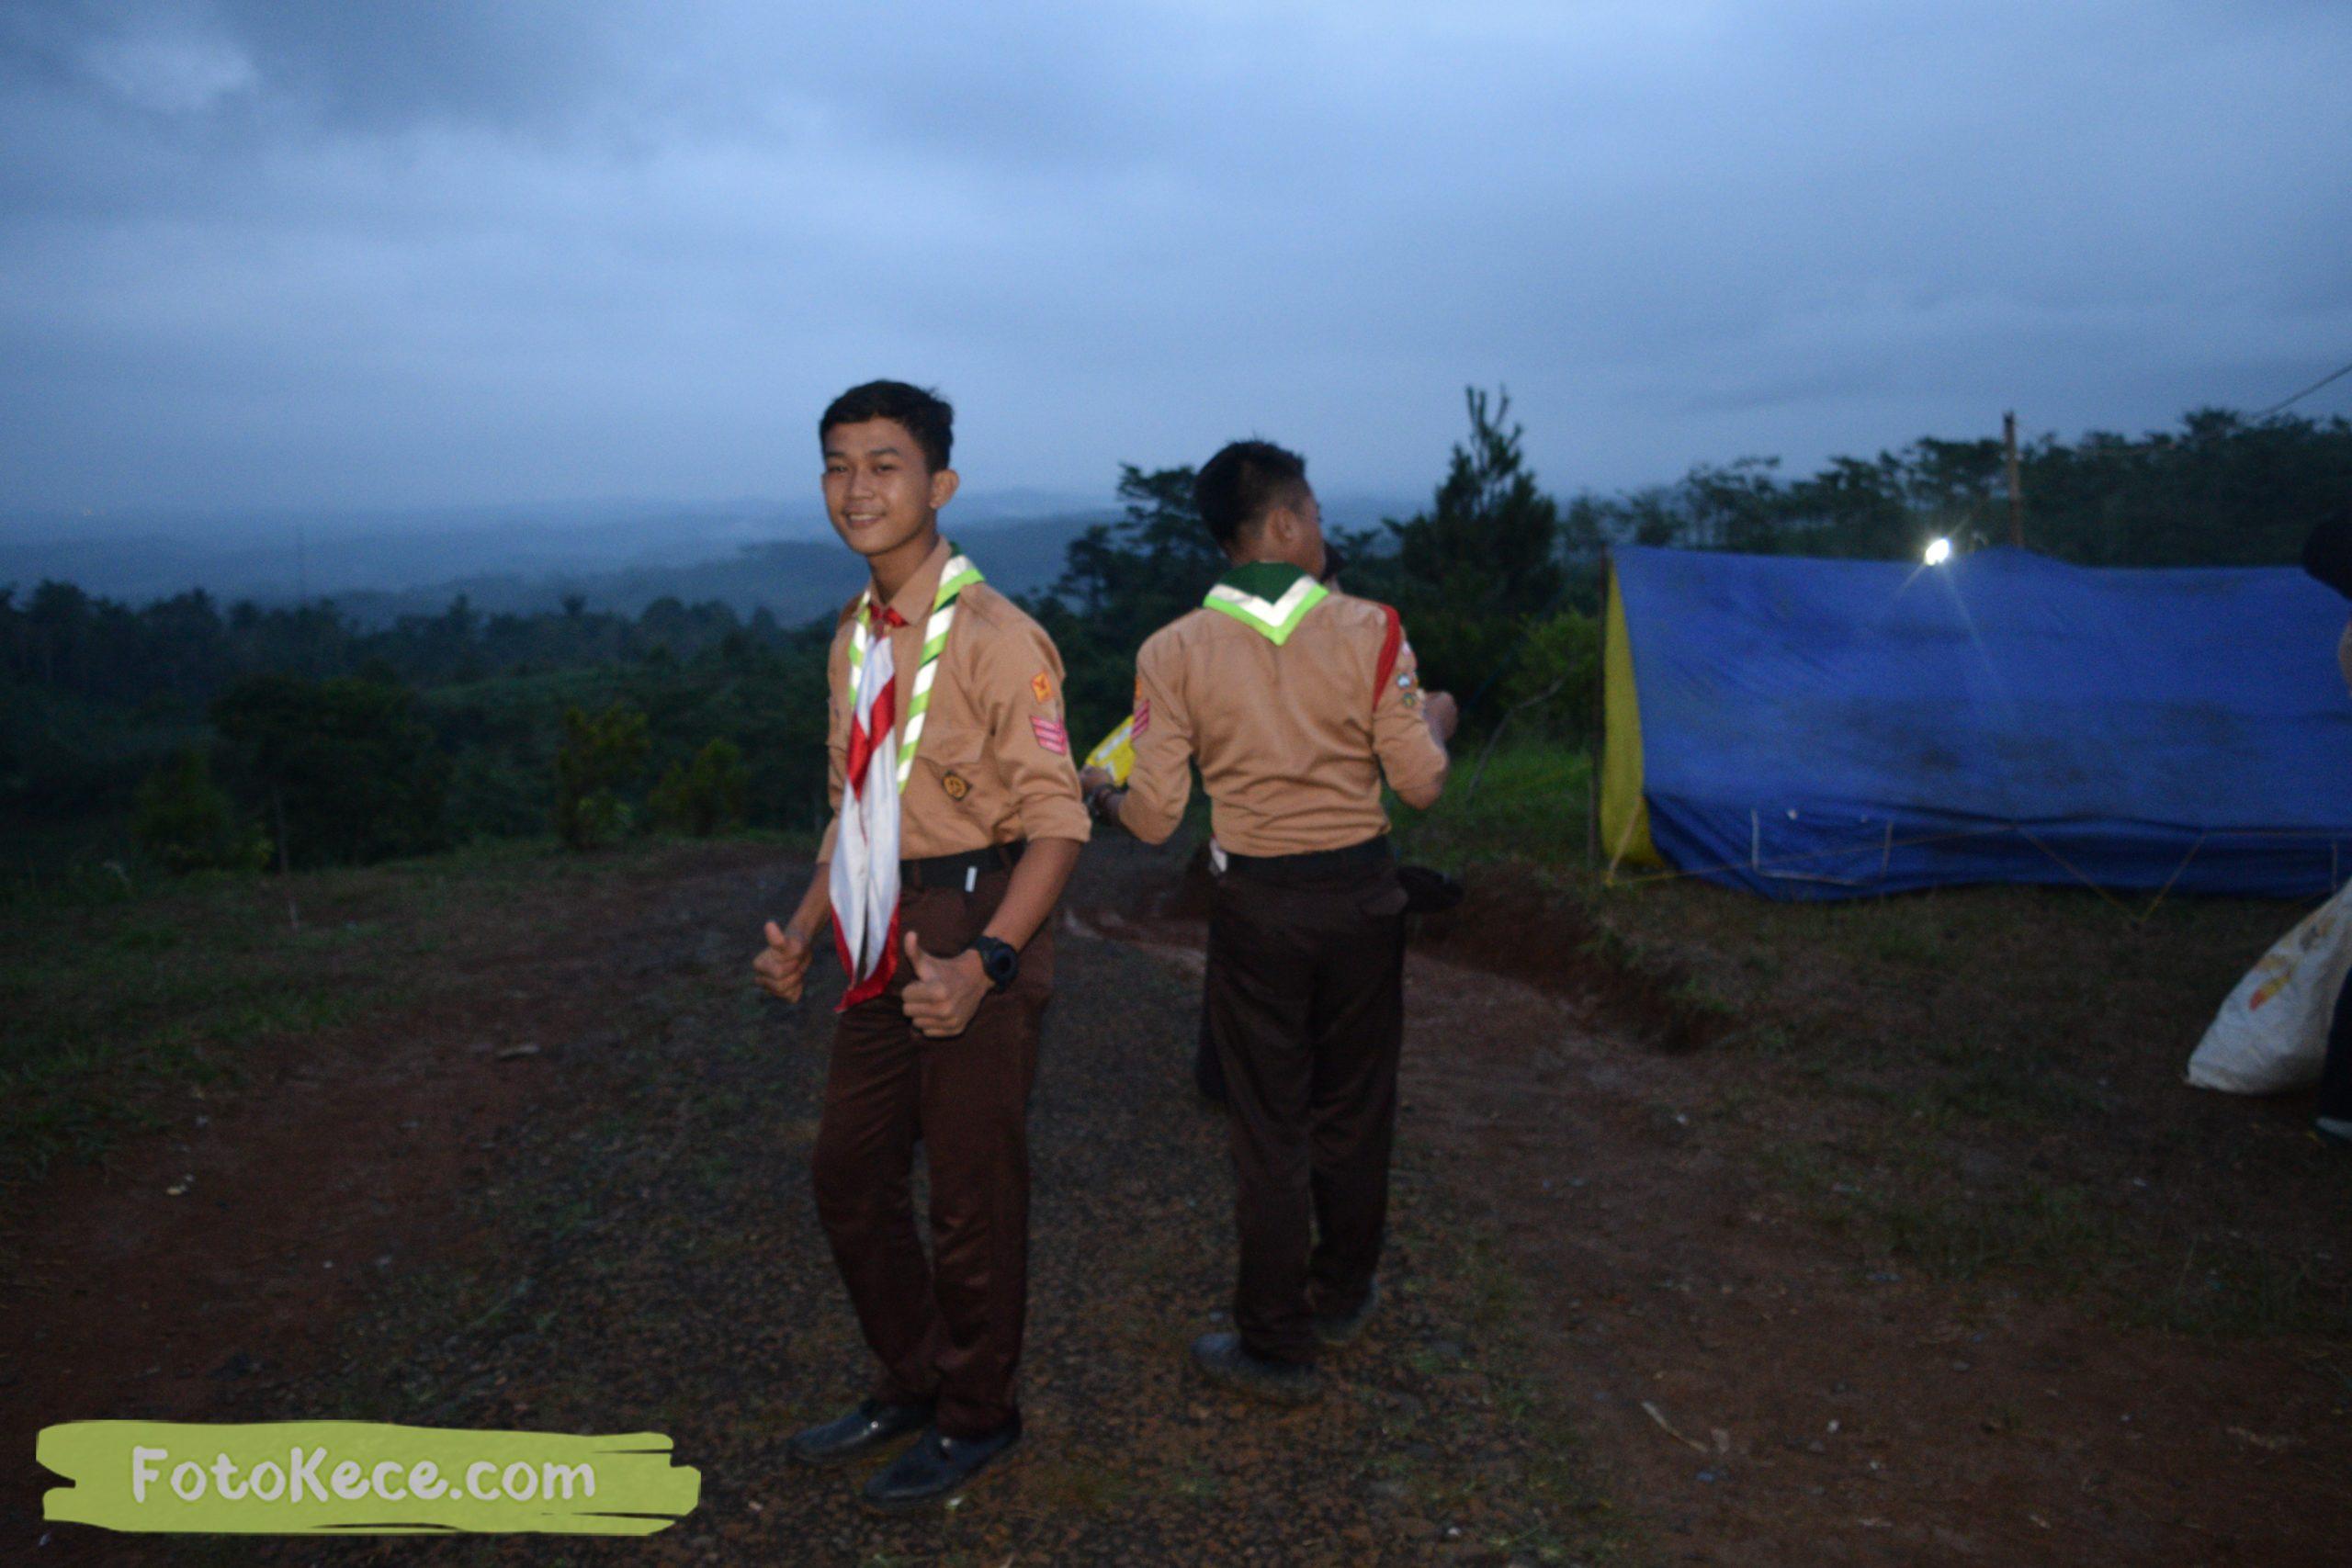 kegiatan sore malam perkemahan narakarya 1 mtsn 2 sukabumi 24 25 januari 2020 pramuka hebat puncak buluh foto kece 48 scaled